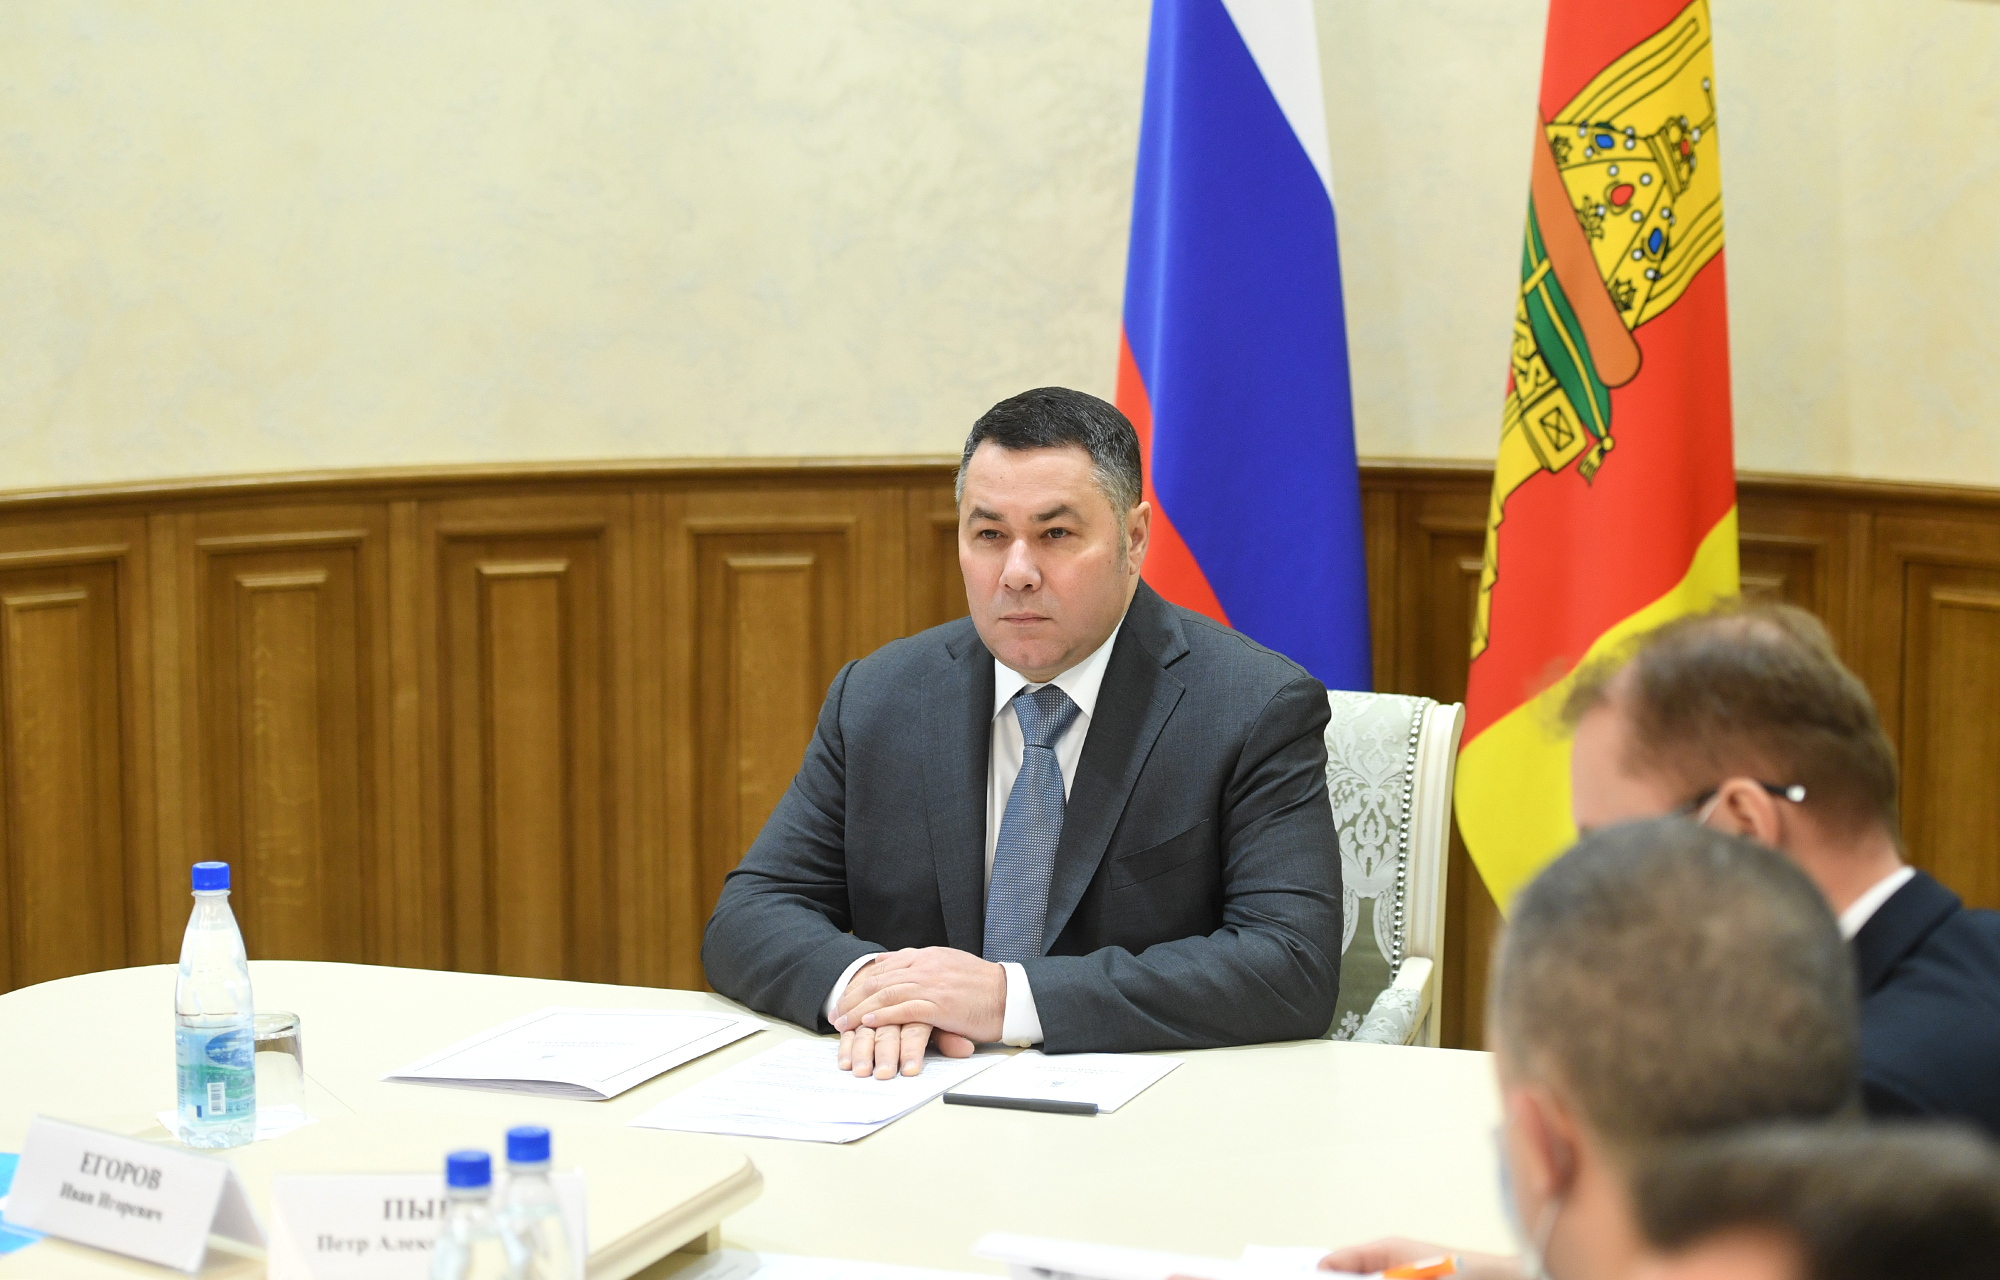 На 55,4 гектар увеличился лесной фонд Тверской области